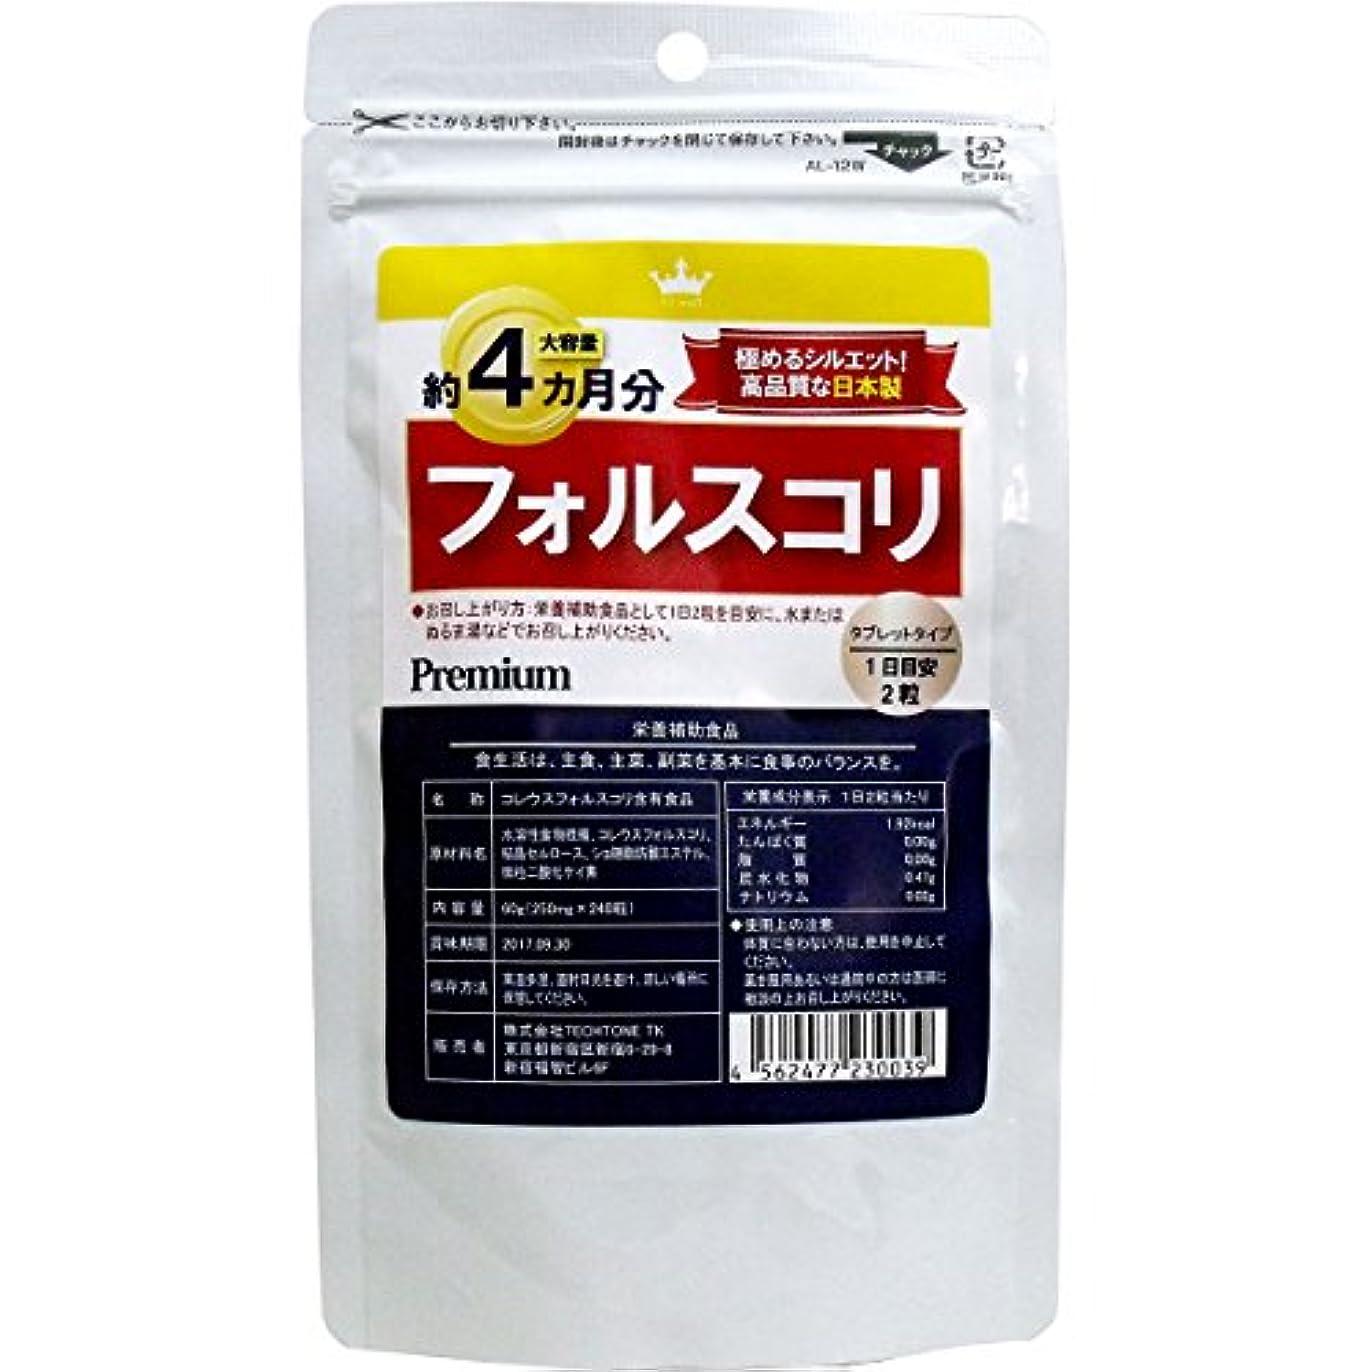 くしゃくしゃ植木時サプリ 高品質な日本製 話題の フォルスコリ 約4カ月分 240粒入【2個セット】